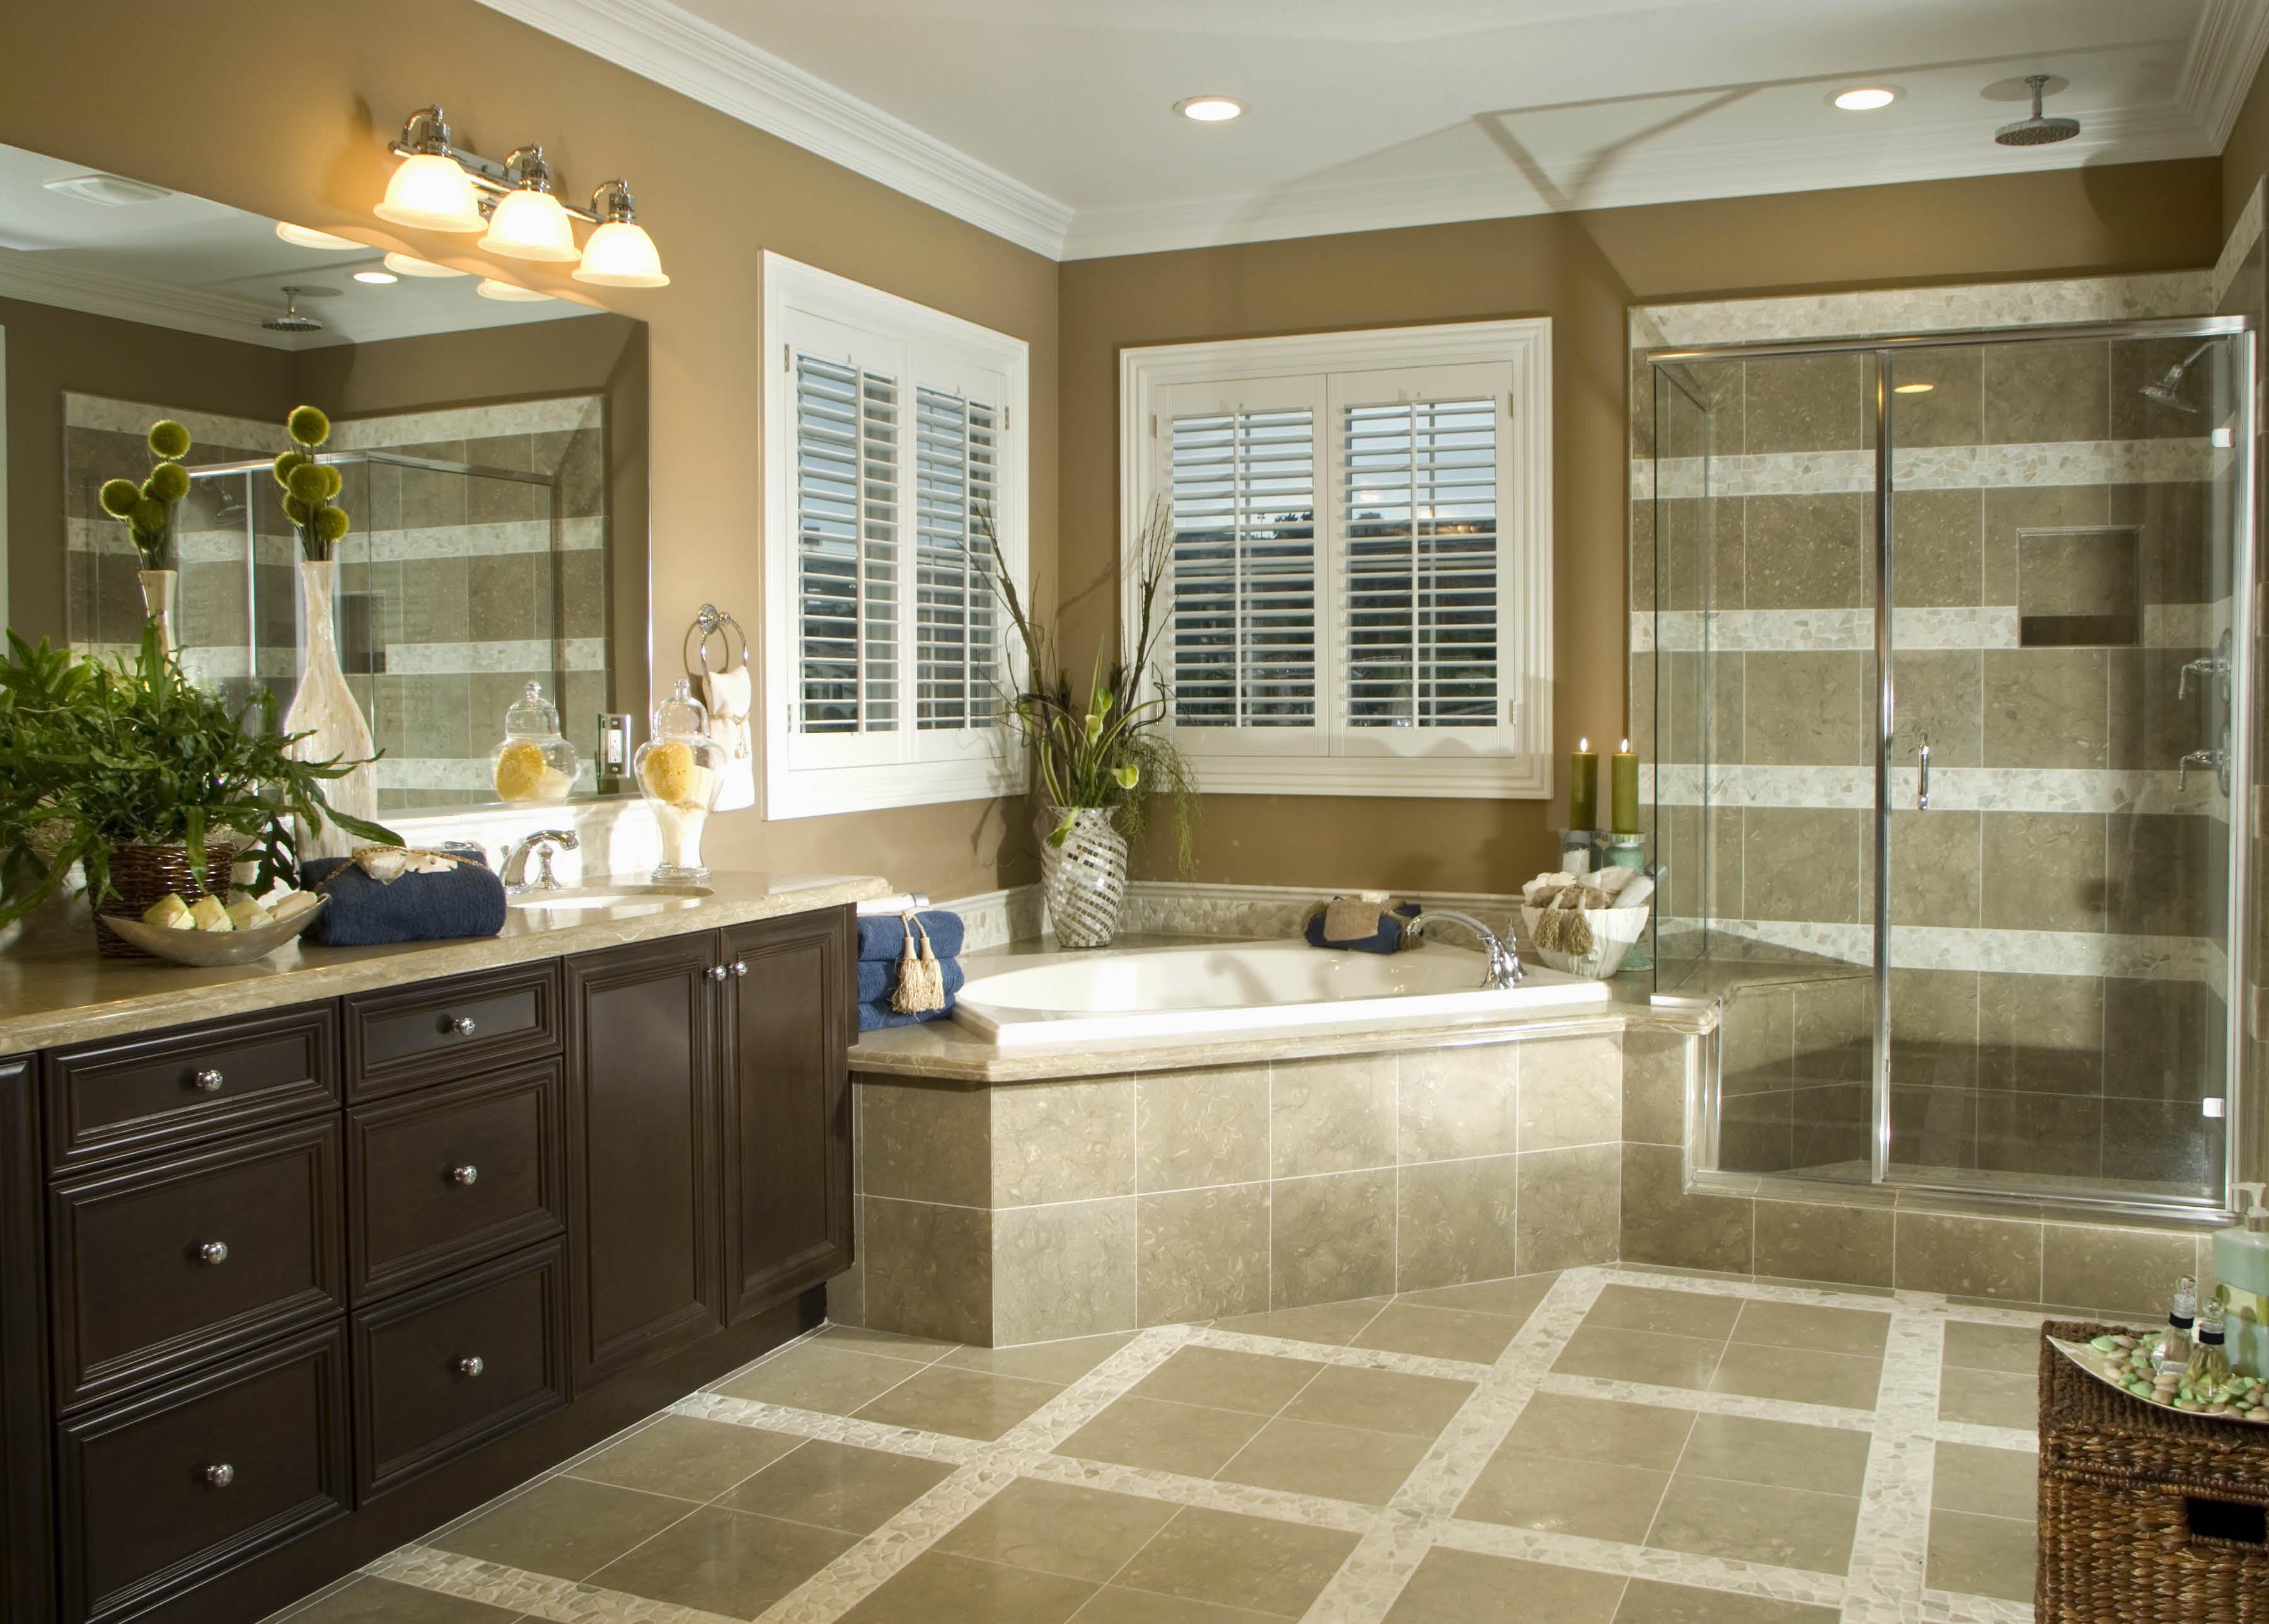 home remodeling,renovations,home construction,delaware, kitchen, bathroom, install, tile, tube, sink, shower, remodeling